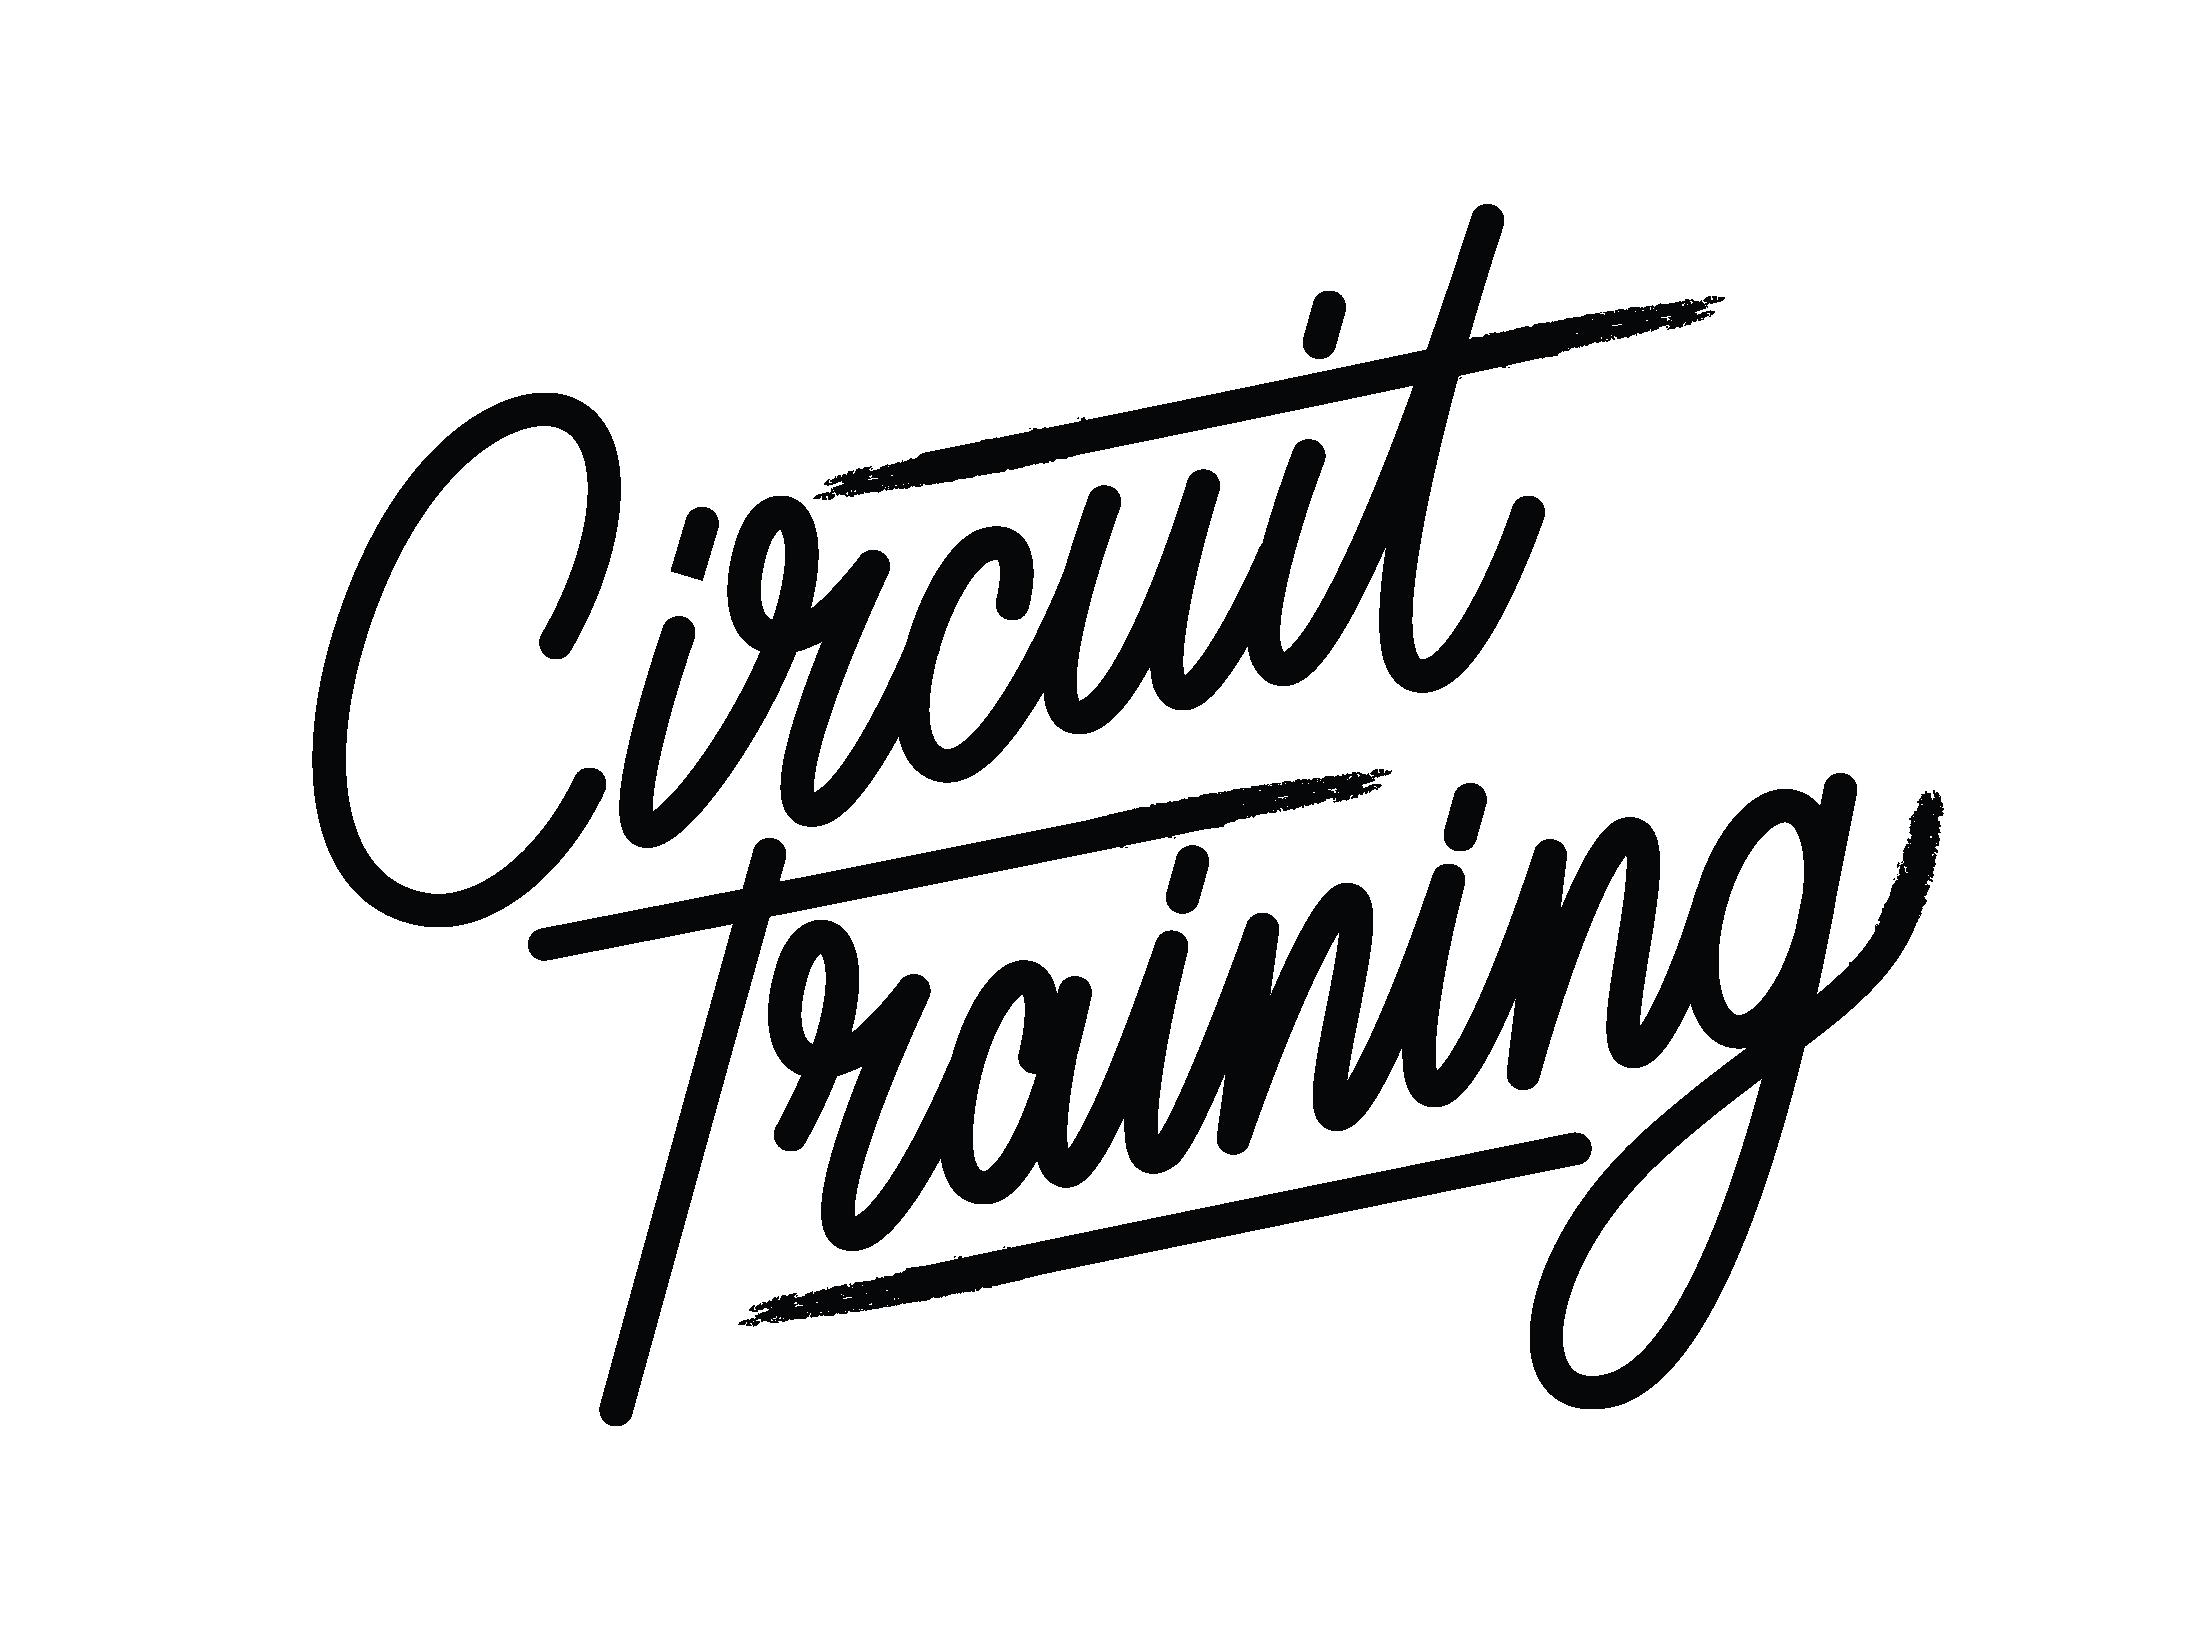 Circuit training rotterdam